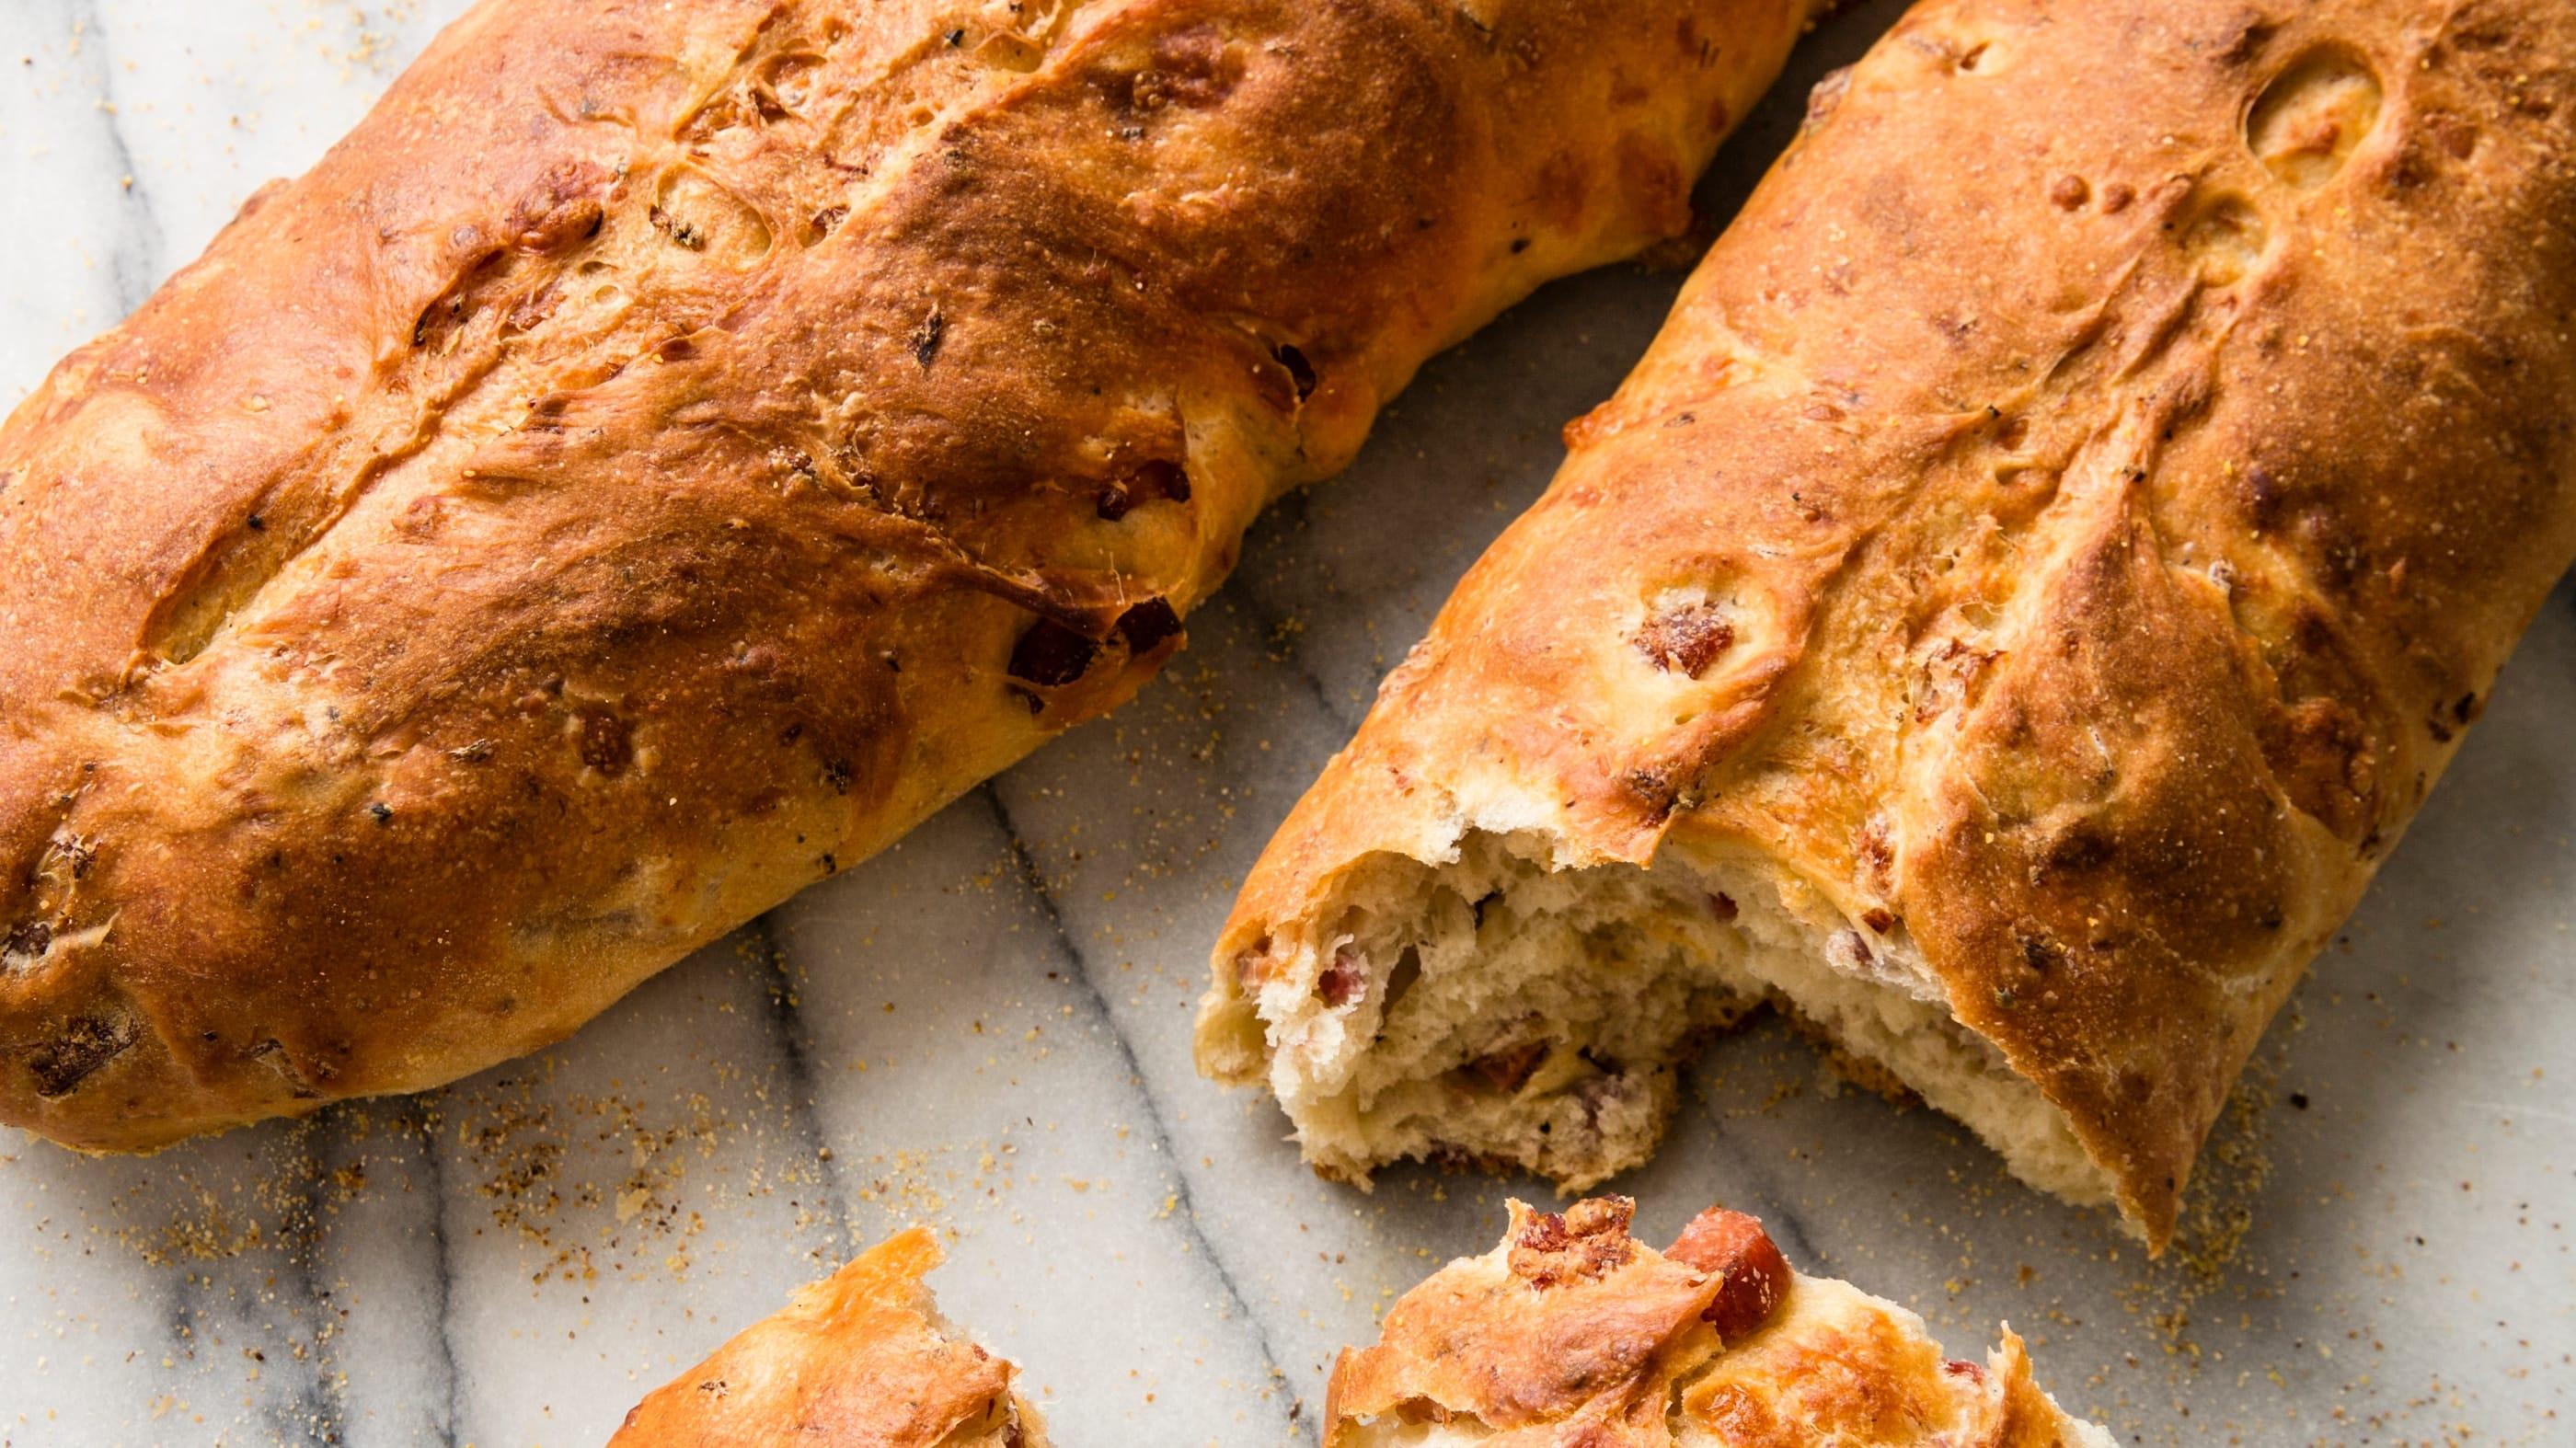 Sfs prosciutto bread with provolone 5 hnsqzd